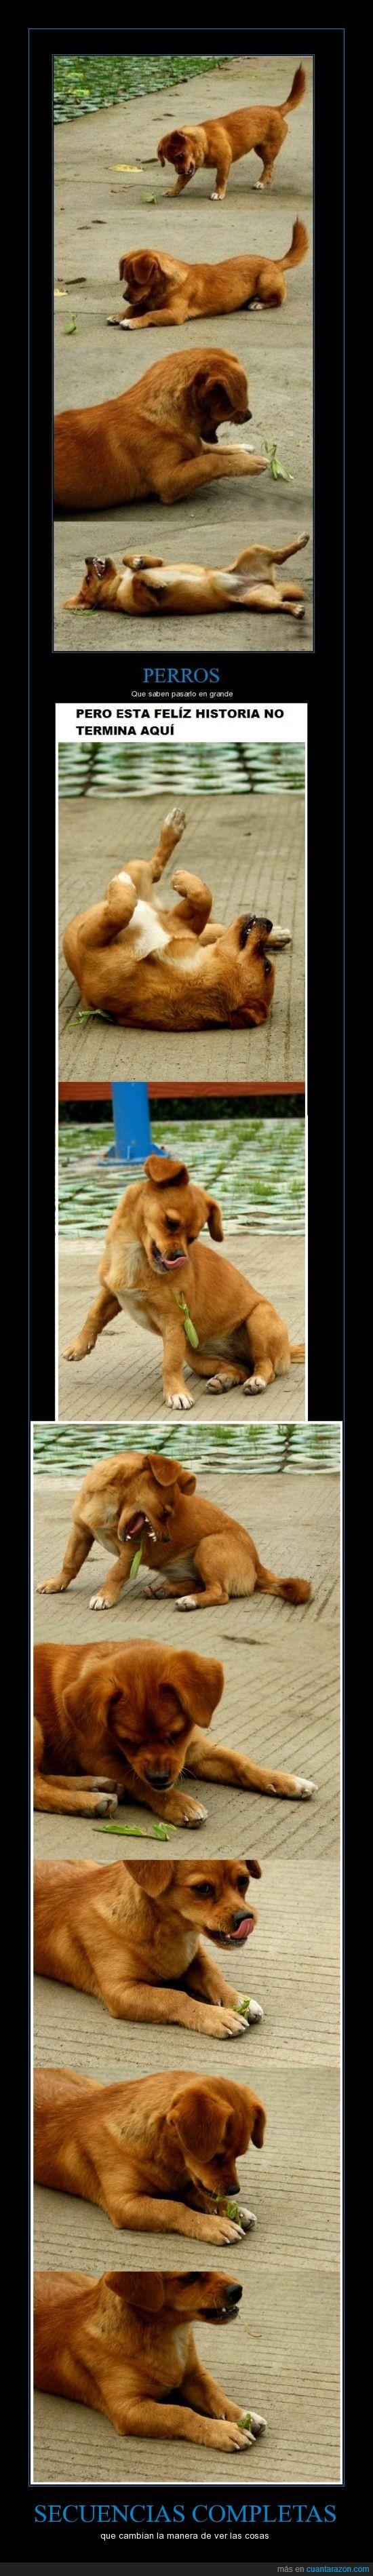 animales,cambiar,fotografia,mantiz,mascotas,perro malo pero bonito :3,perros